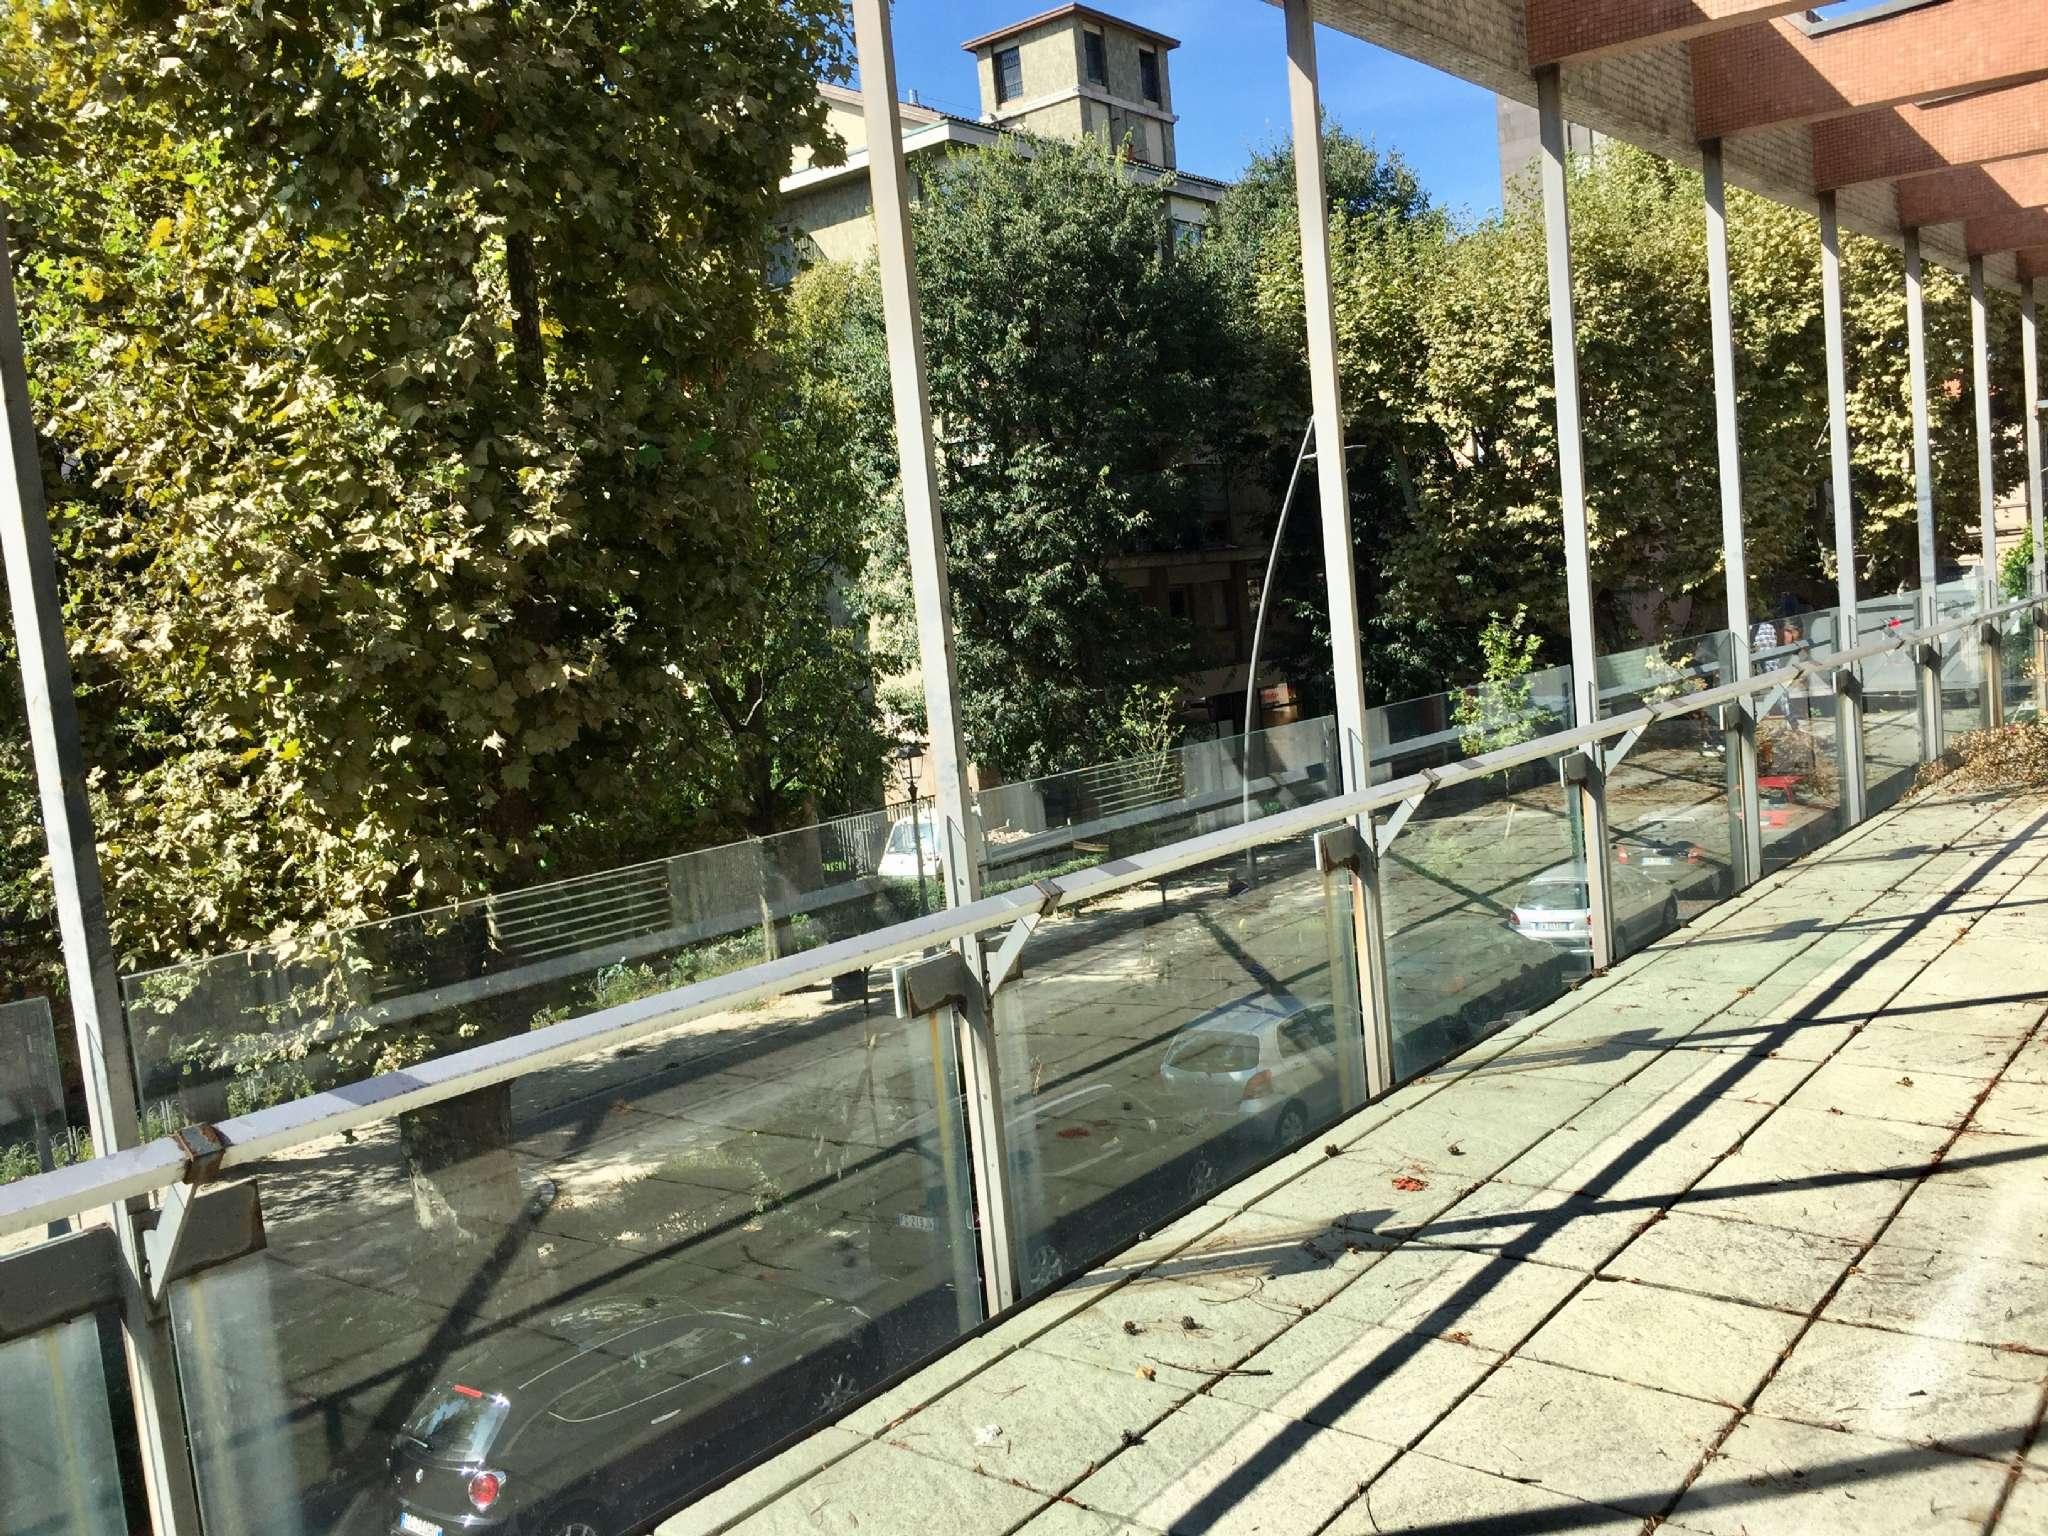 Appartamento quadrilocale in affitto a Varese (VA)